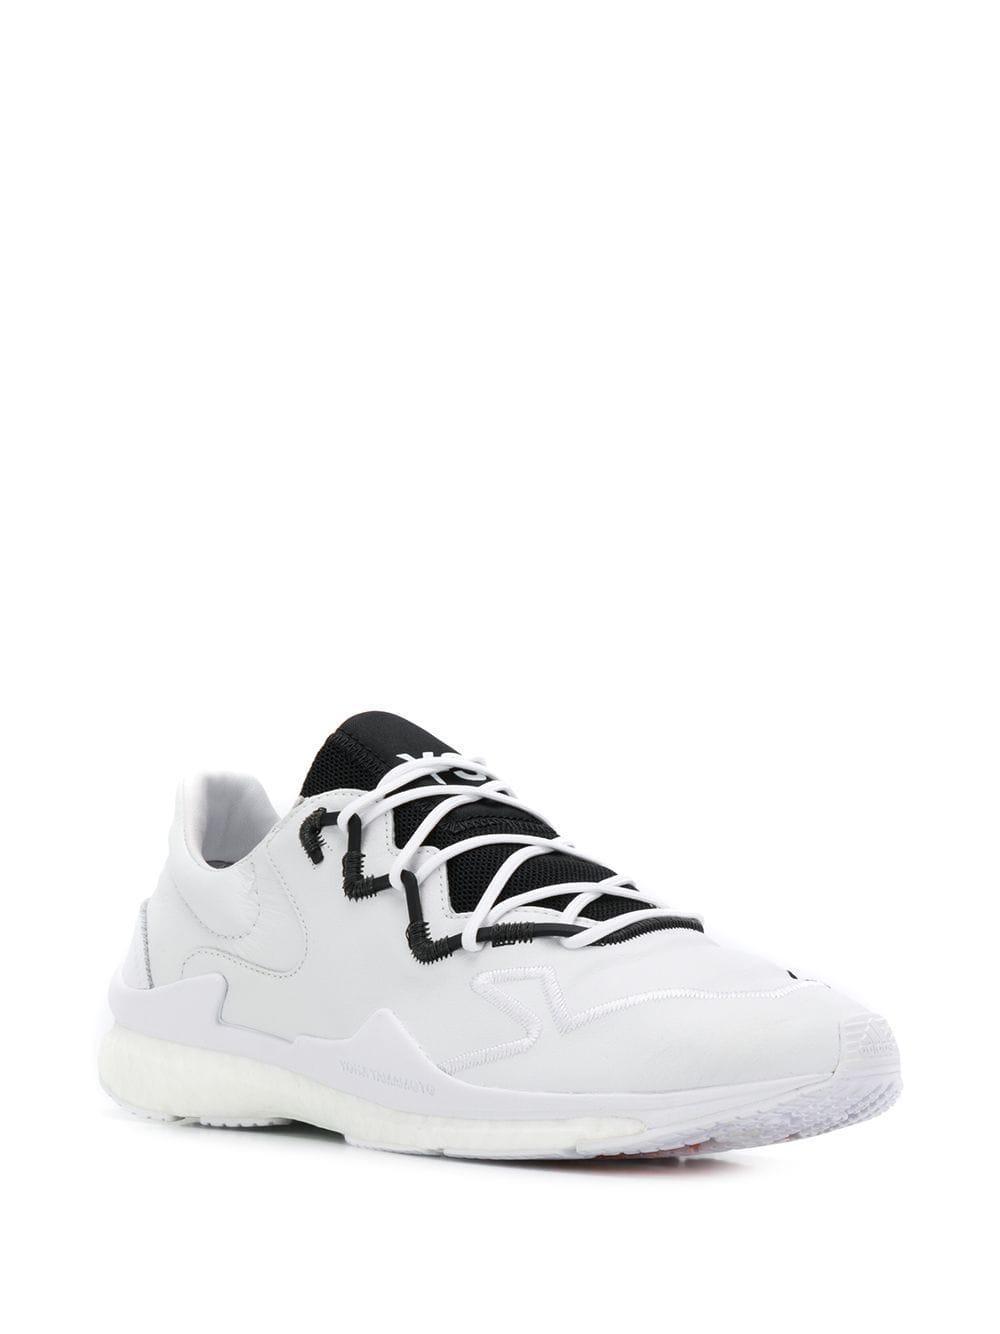 Y-3 Leer Adizero Runner Sneakers in het Wit voor heren